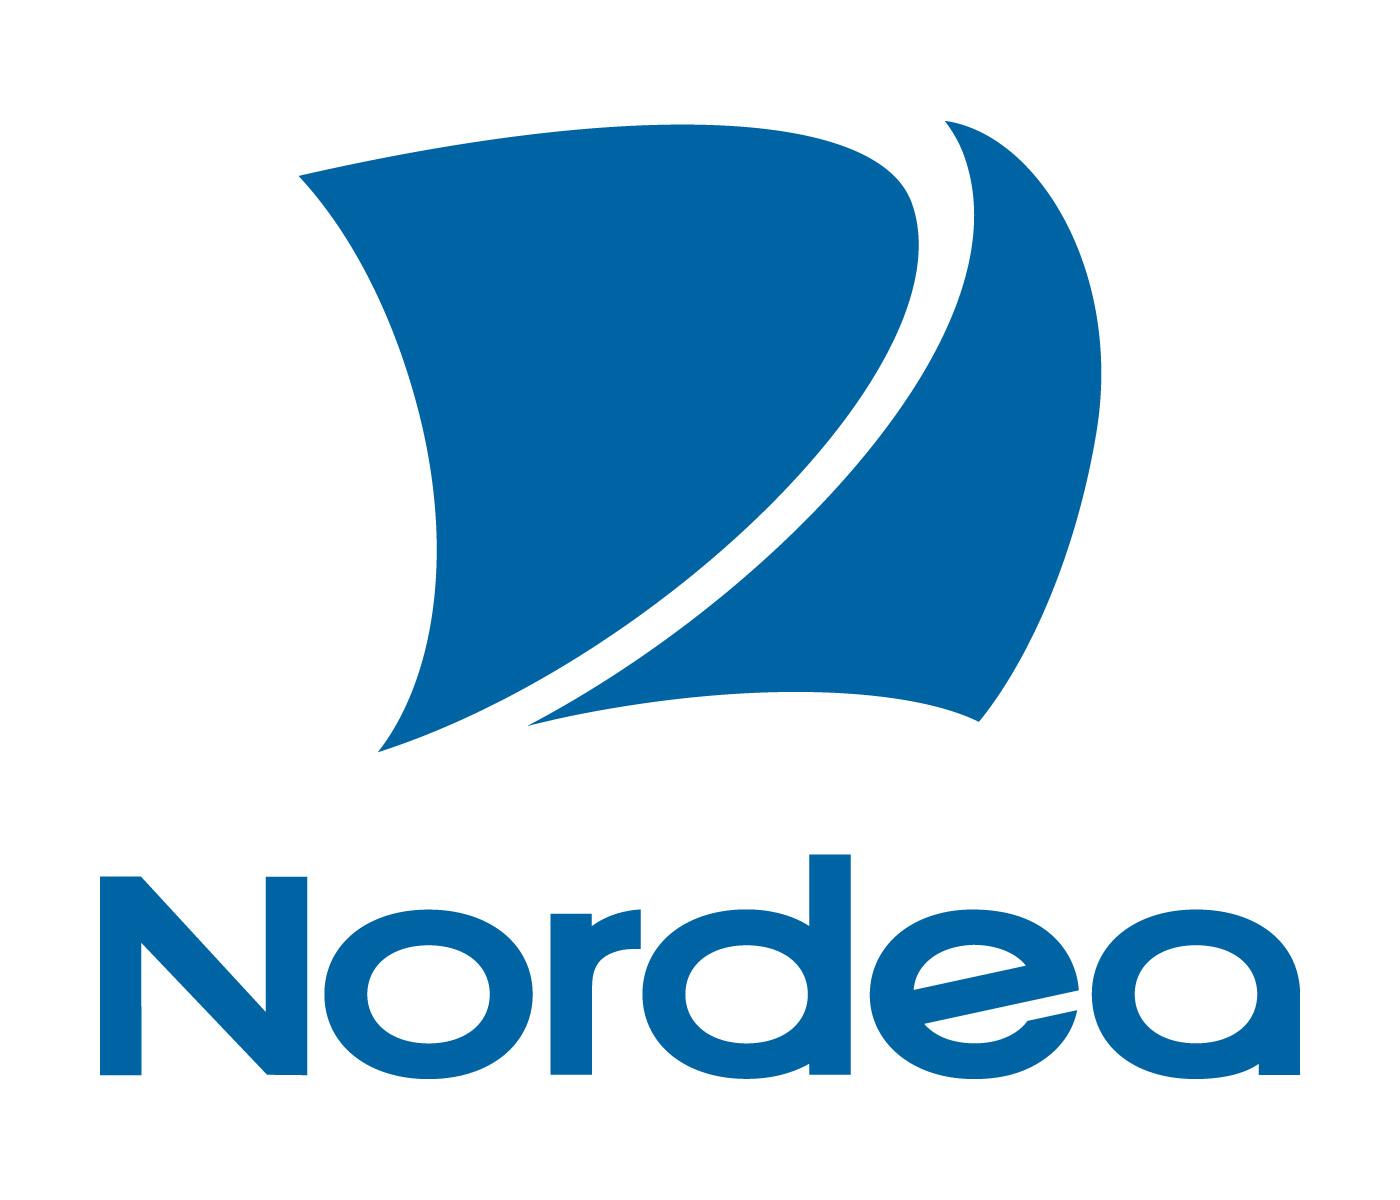 Nordea-Bank-logo.jpg